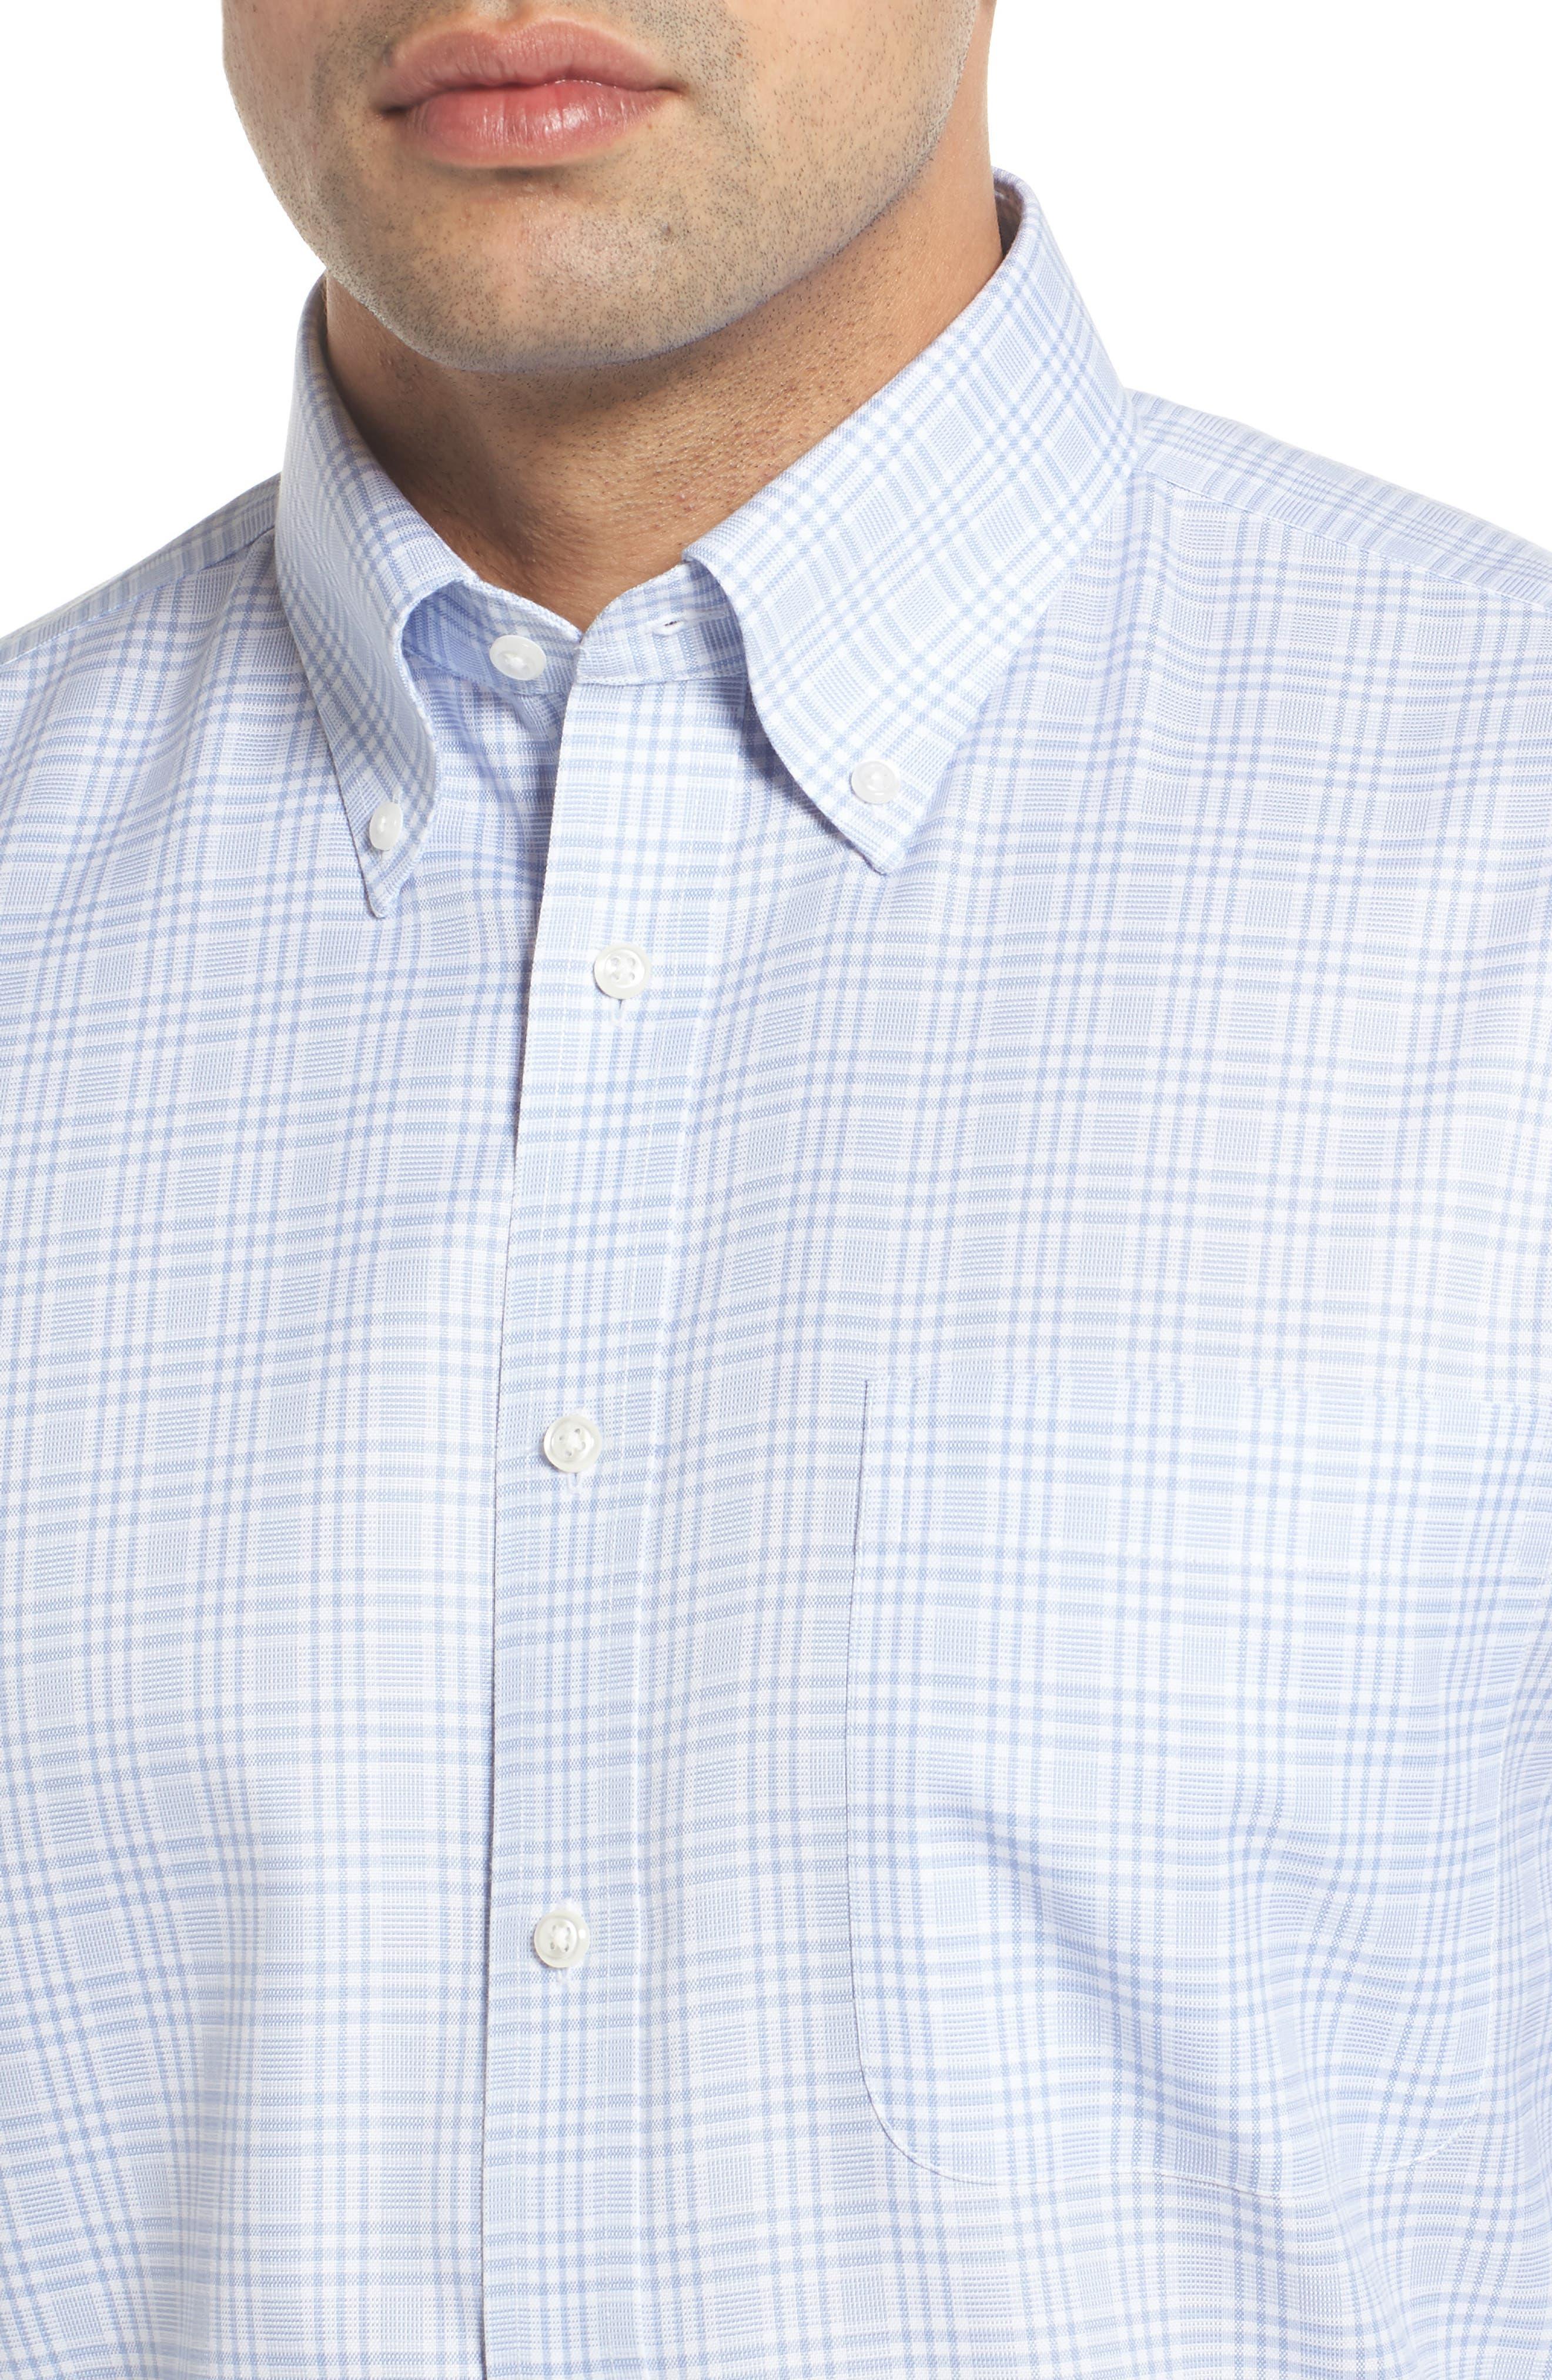 Smartcare<sup>™</sup> Classic Fit Plaid Dress Shirt,                             Alternate thumbnail 2, color,                             Blue Brunnera